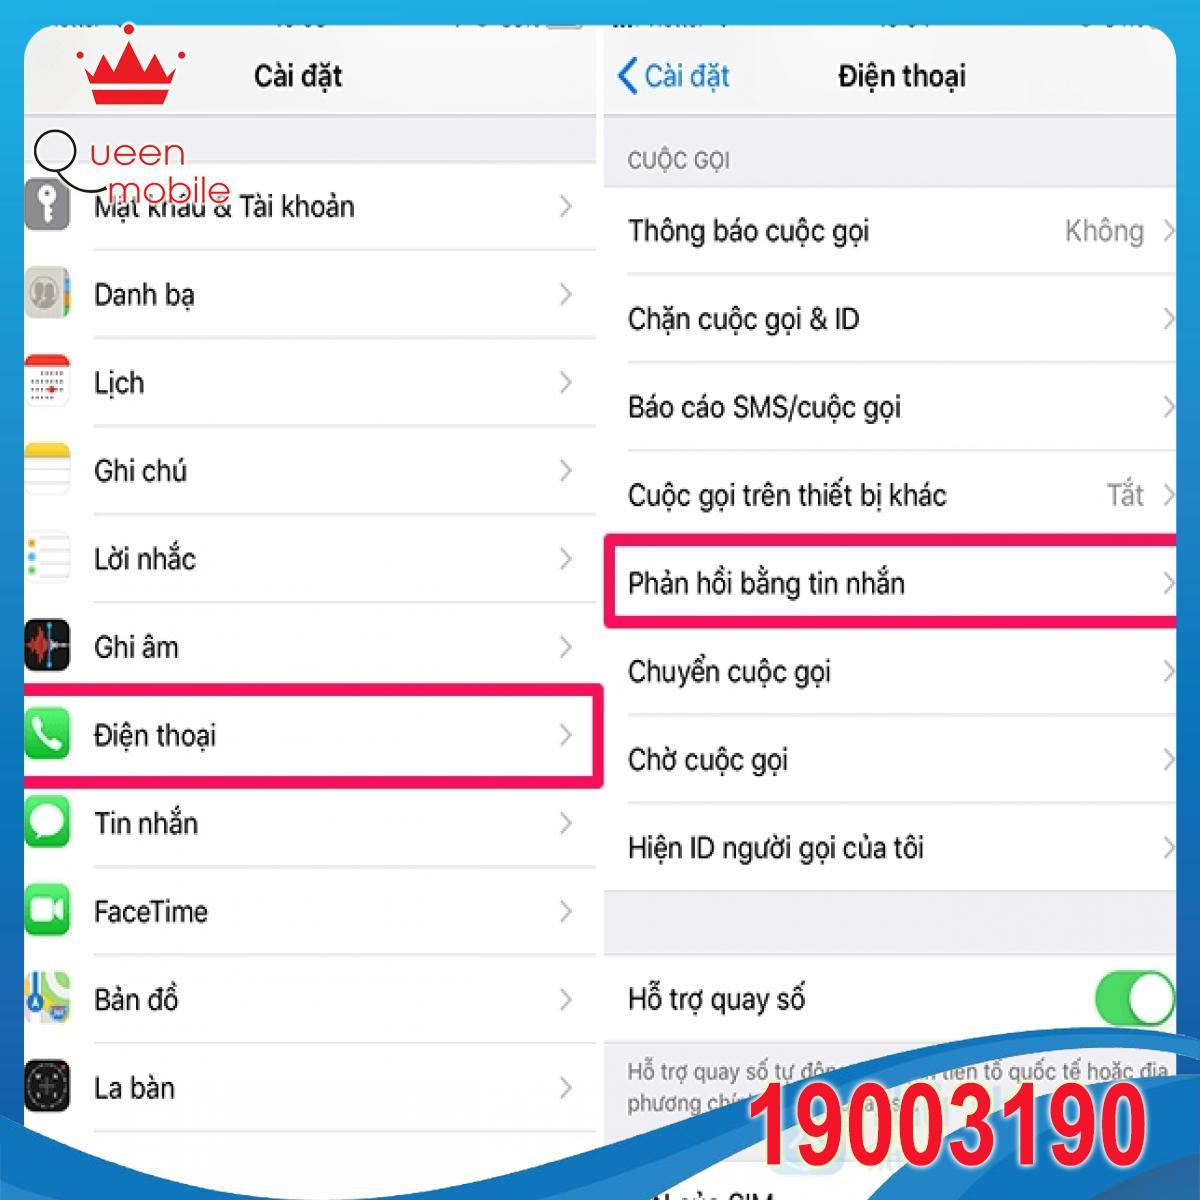 Cách thiết lập và sử dụng tính năng 'Phản hồi bằng tin nhắn' trên iPhone